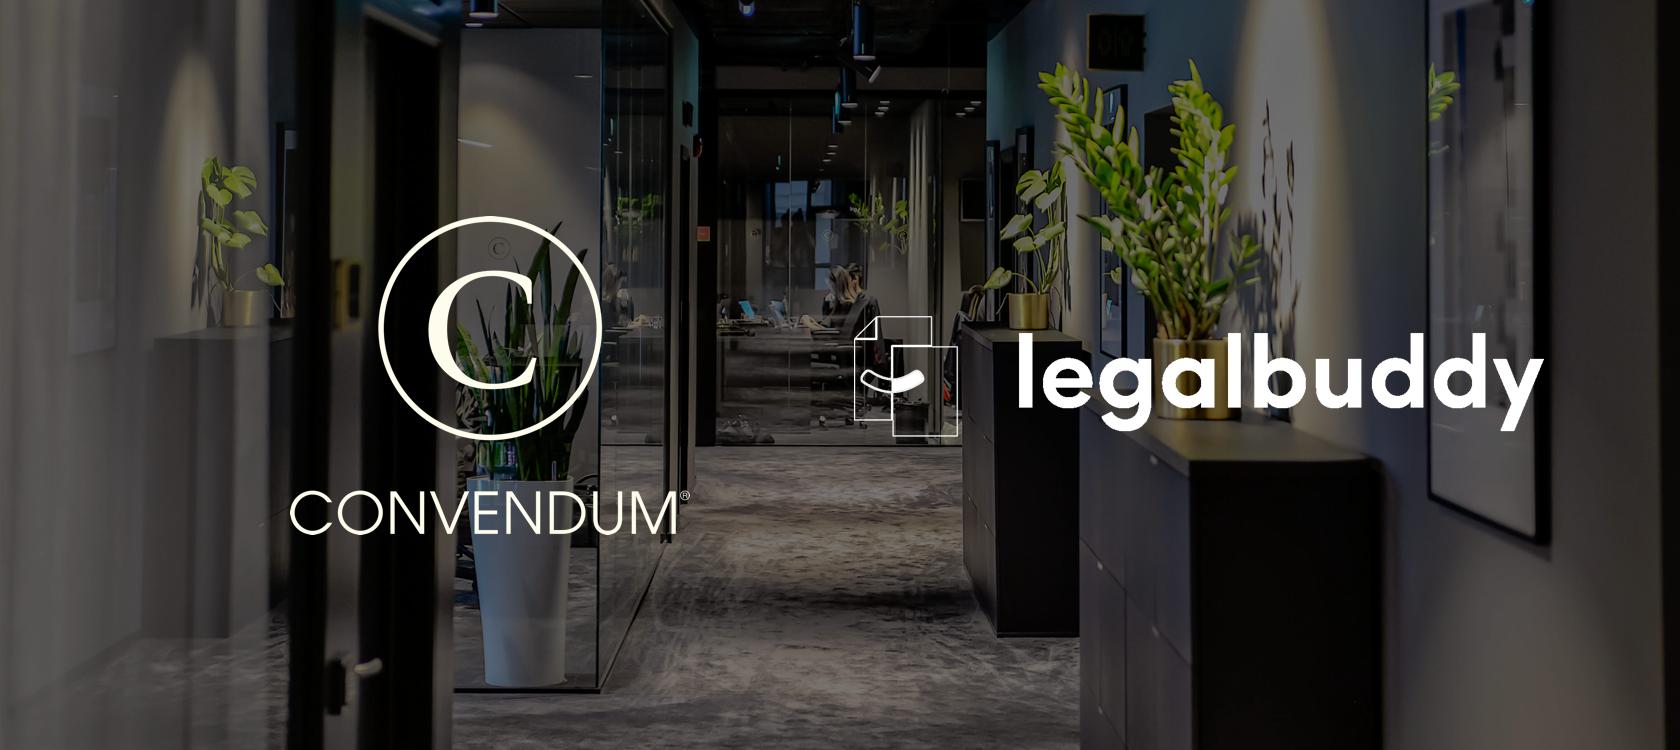 Legalbuddy och CONVENDUM i strategiskt samarbete för framtidens juridiska rådgivning